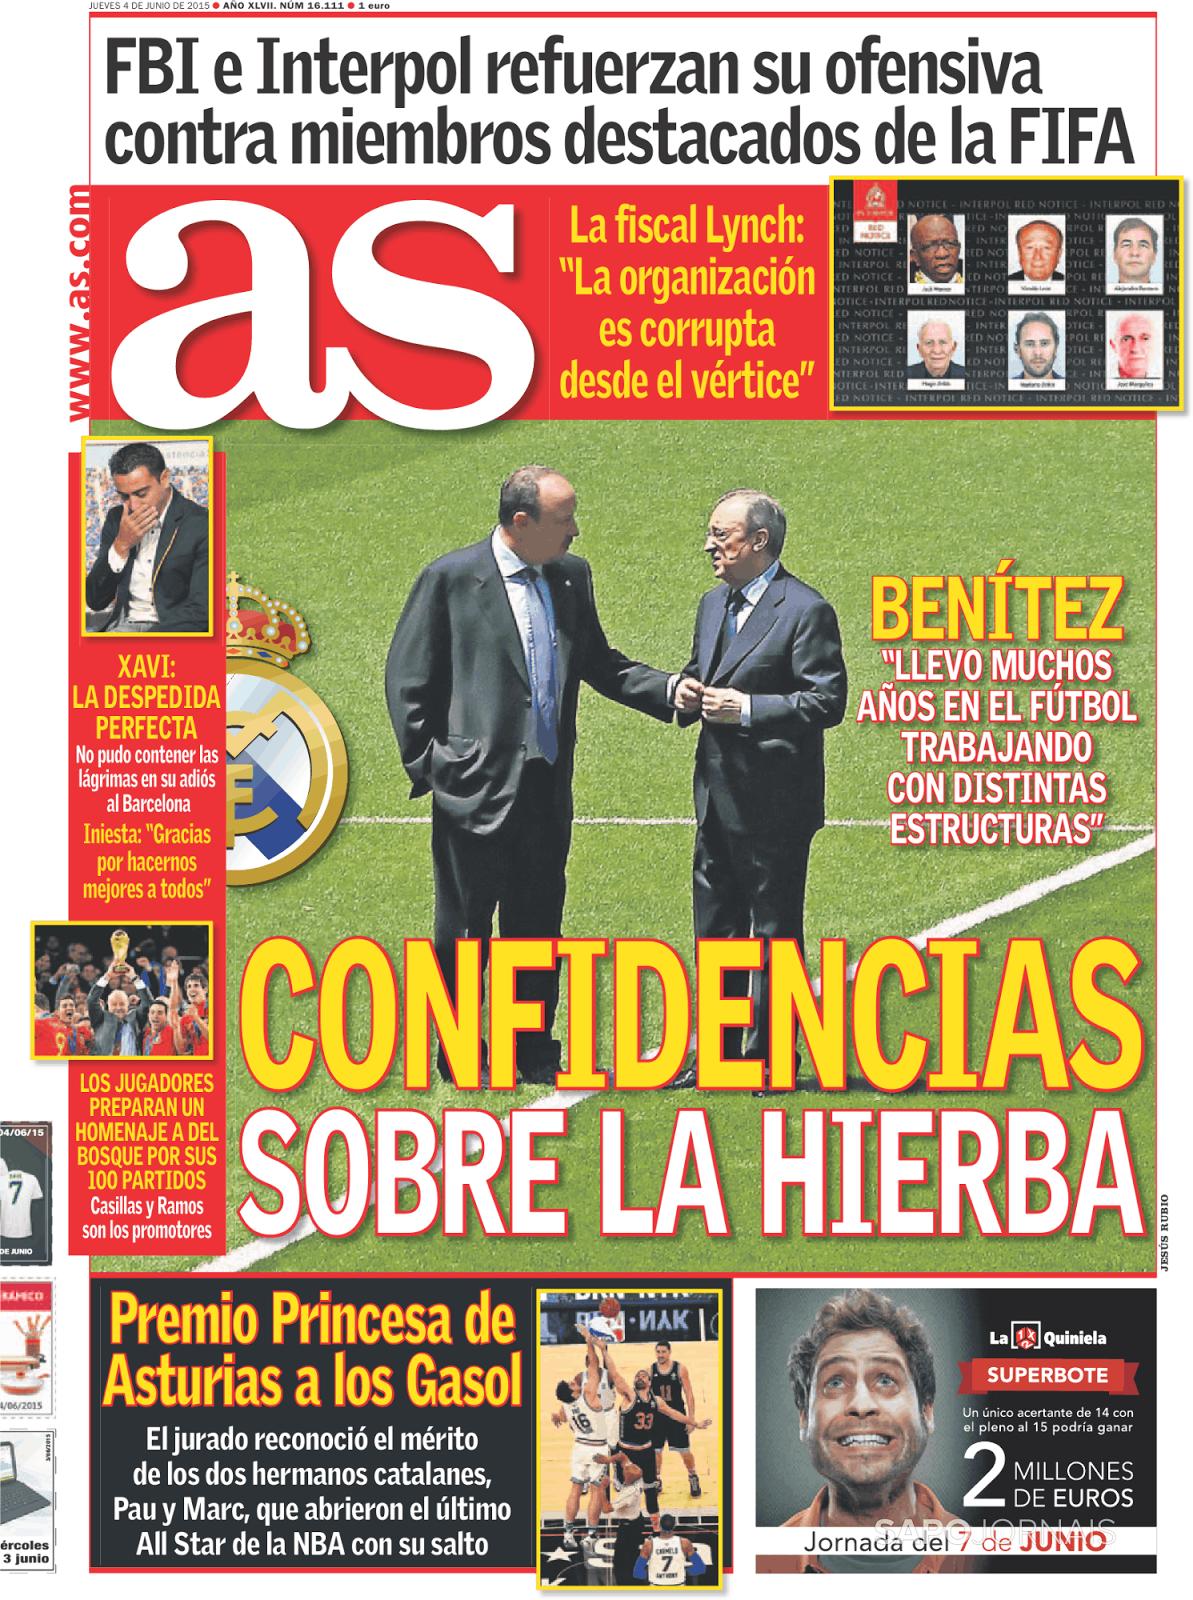 el jornal: